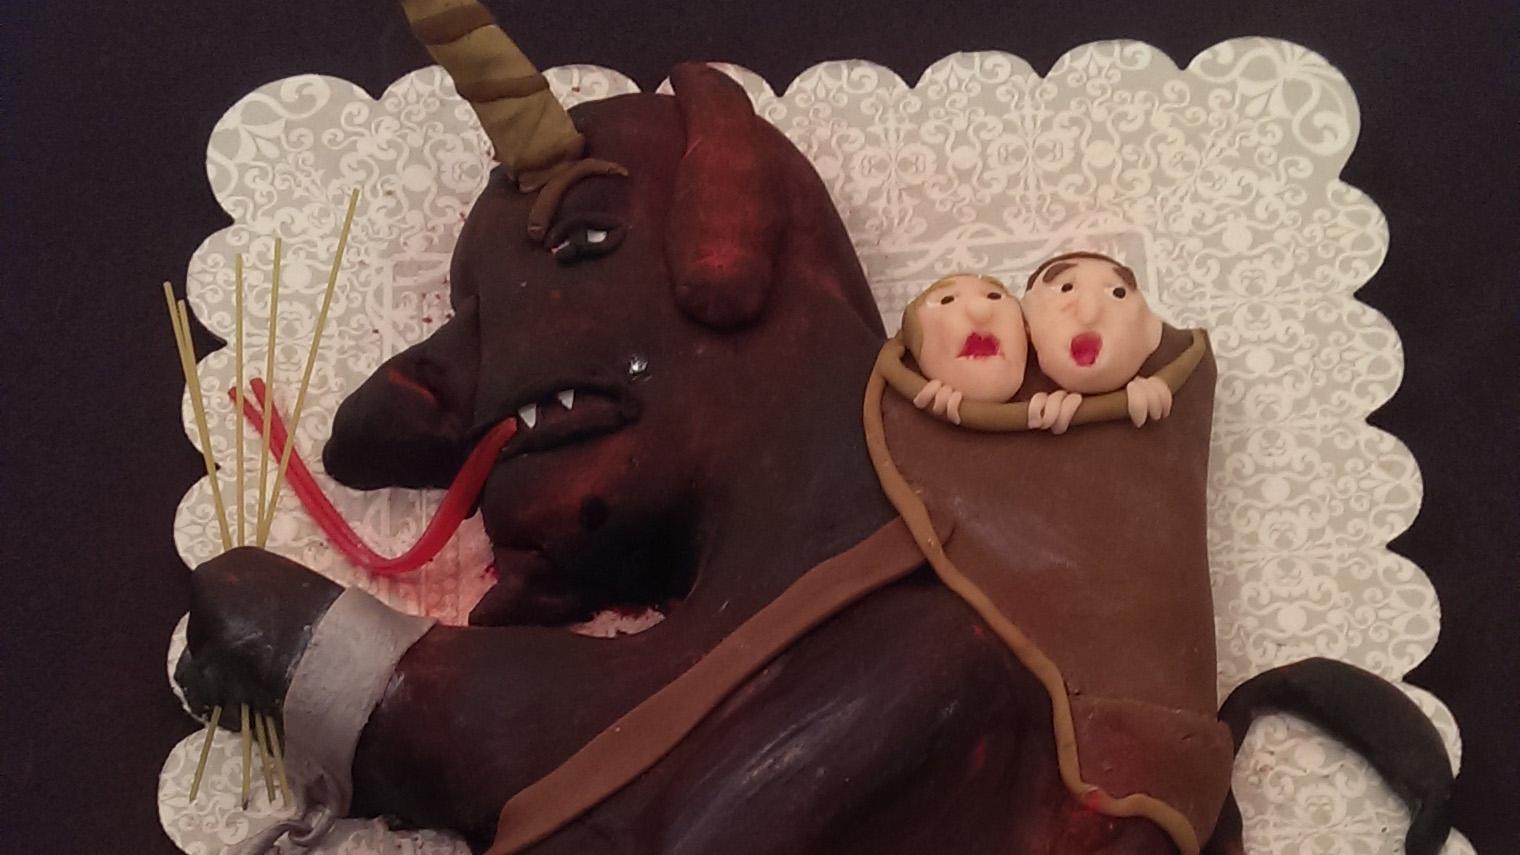 Krampus cake at Krampusfest.